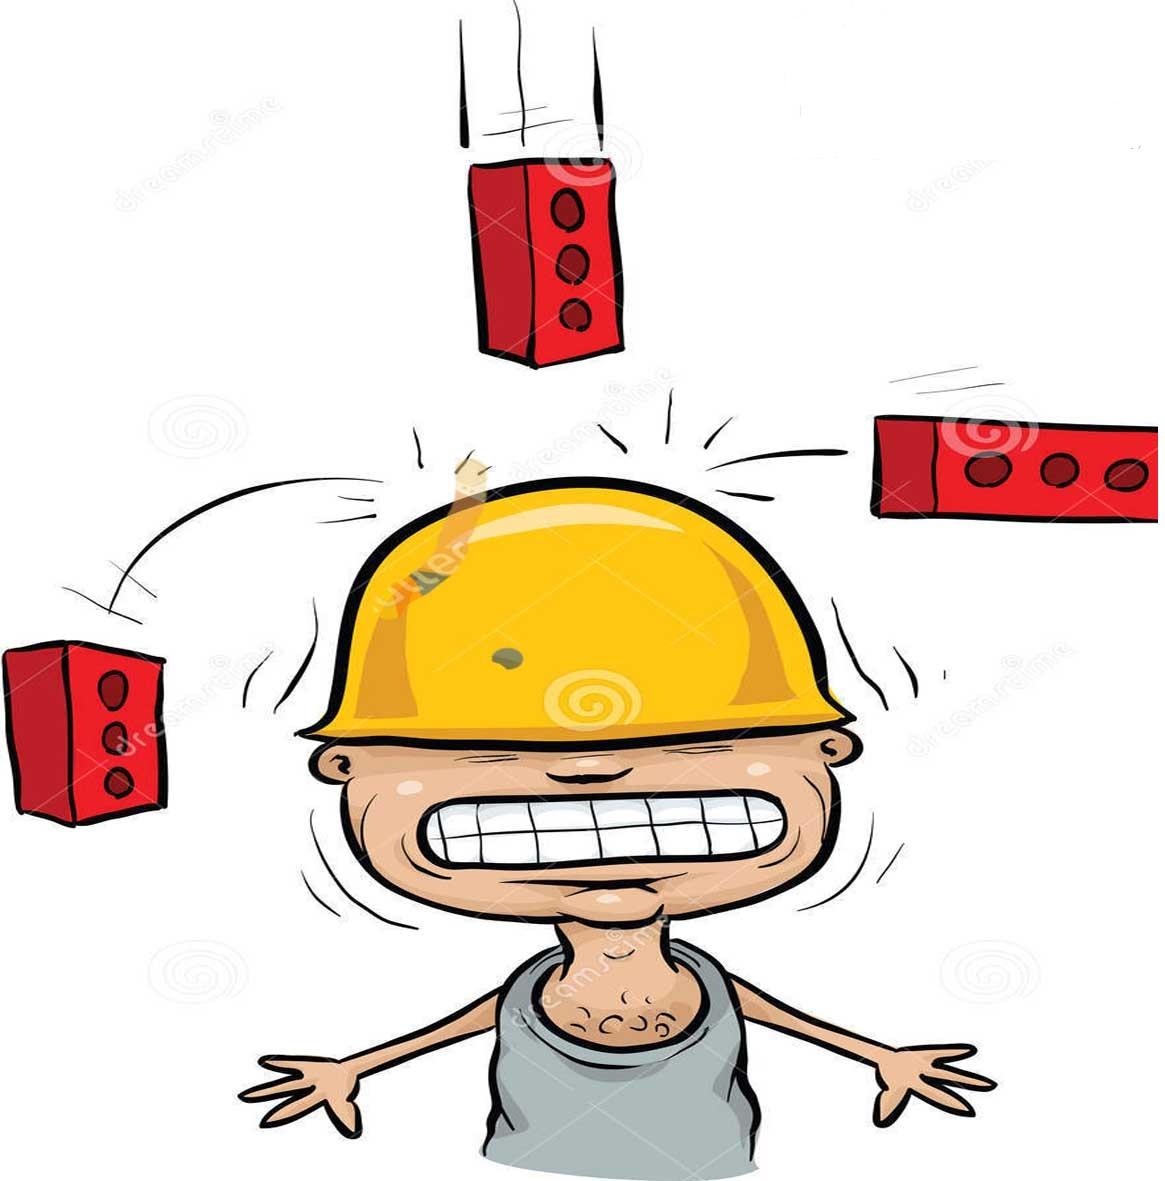 اگر کارگری در محل کار دچار حادثه شود چه تکالیفی بر عهده کار فرماست؟